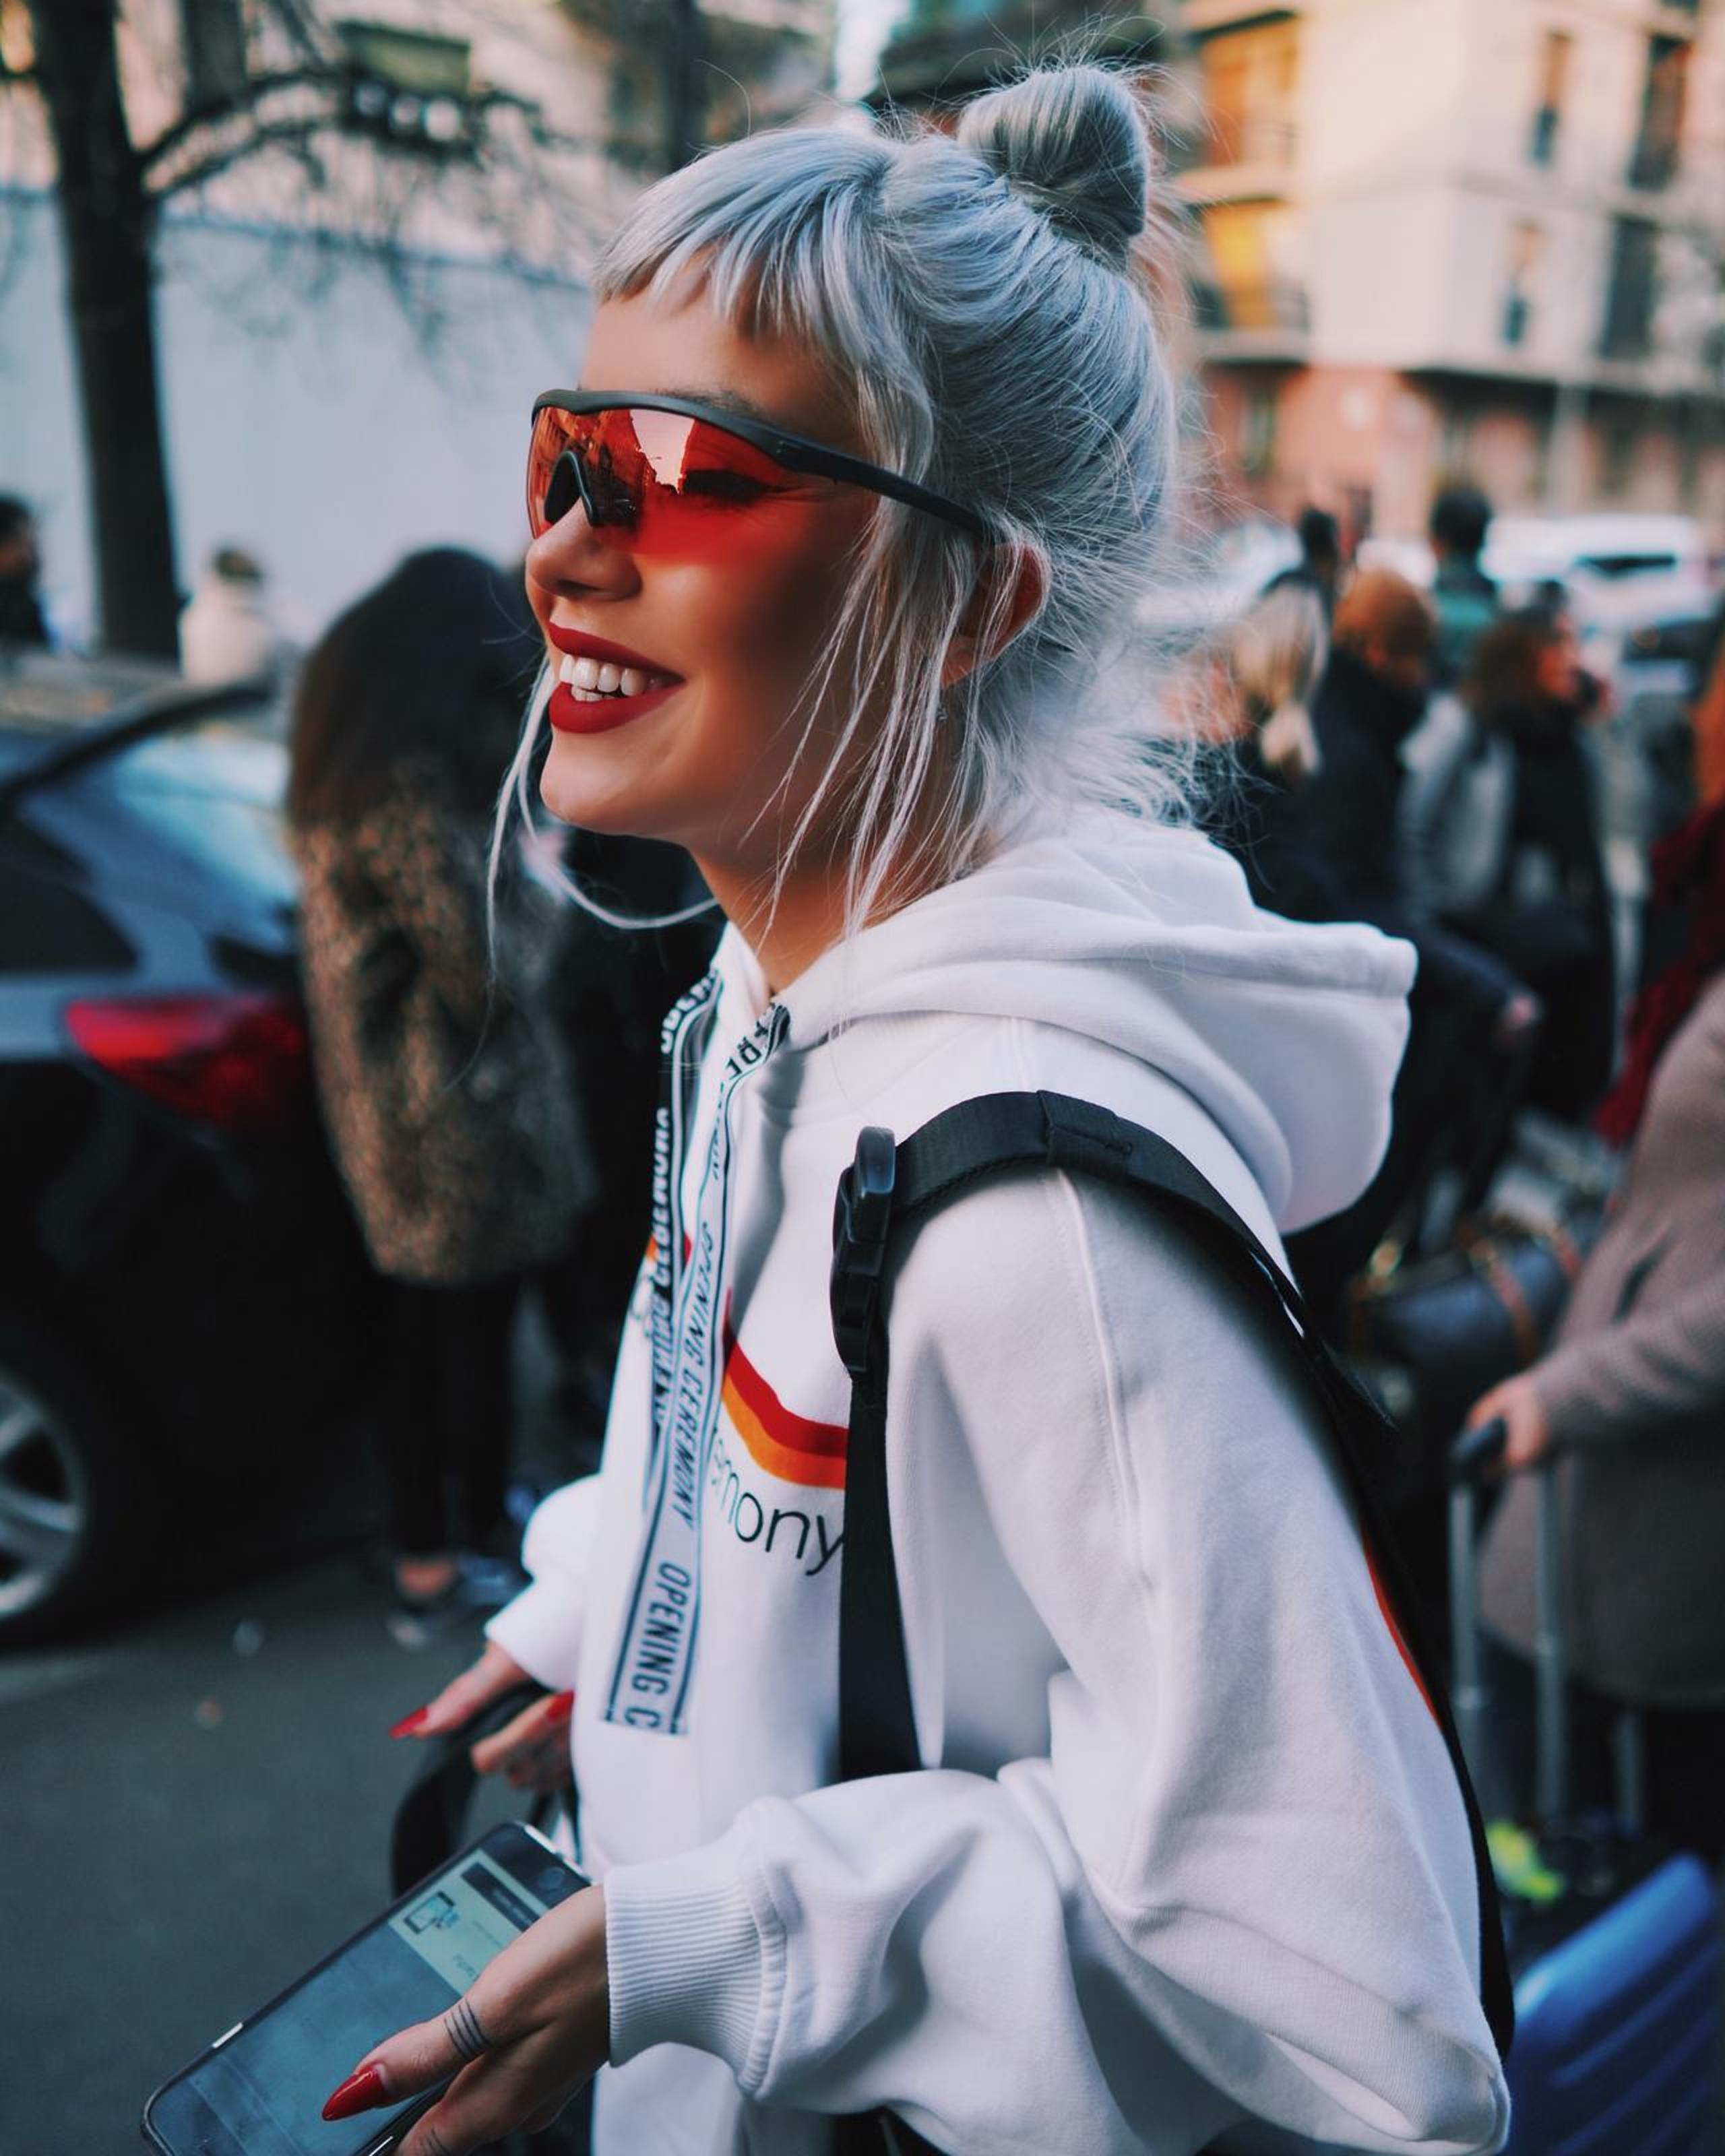 Milan Fashion Week – DAY 1 | LOOK 2